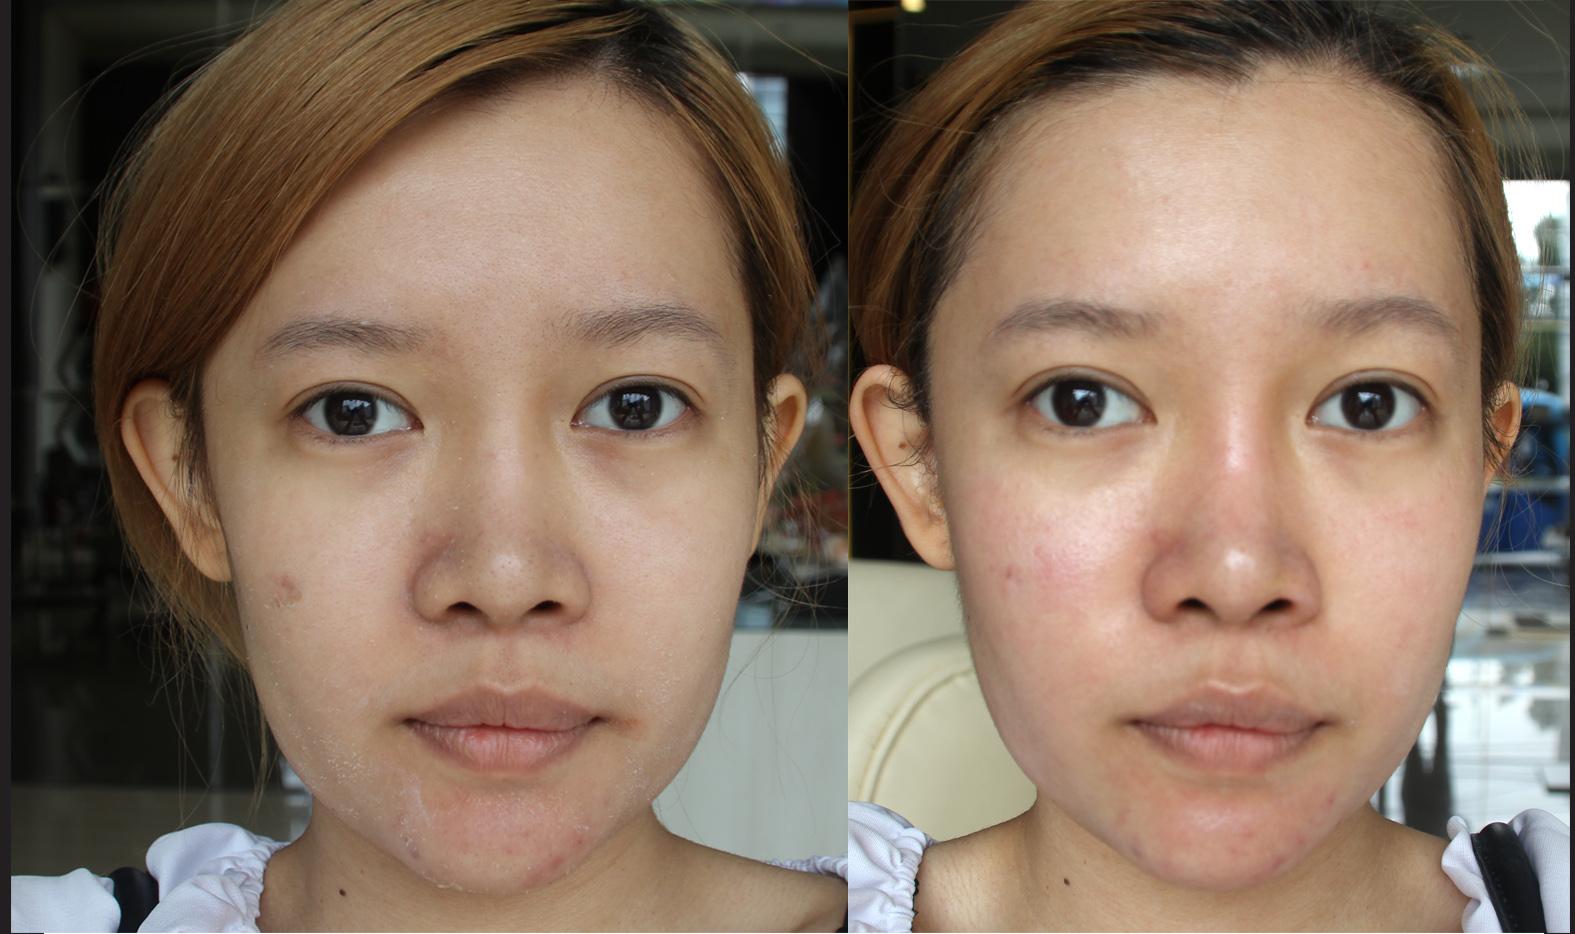 Stella lee indonesia beauty and travel blog dapat dilihat bahwa wajahku jadi terlihat super cerah warna kulit merata mulus dan juga pori pori lebih kecil o ccuart Images